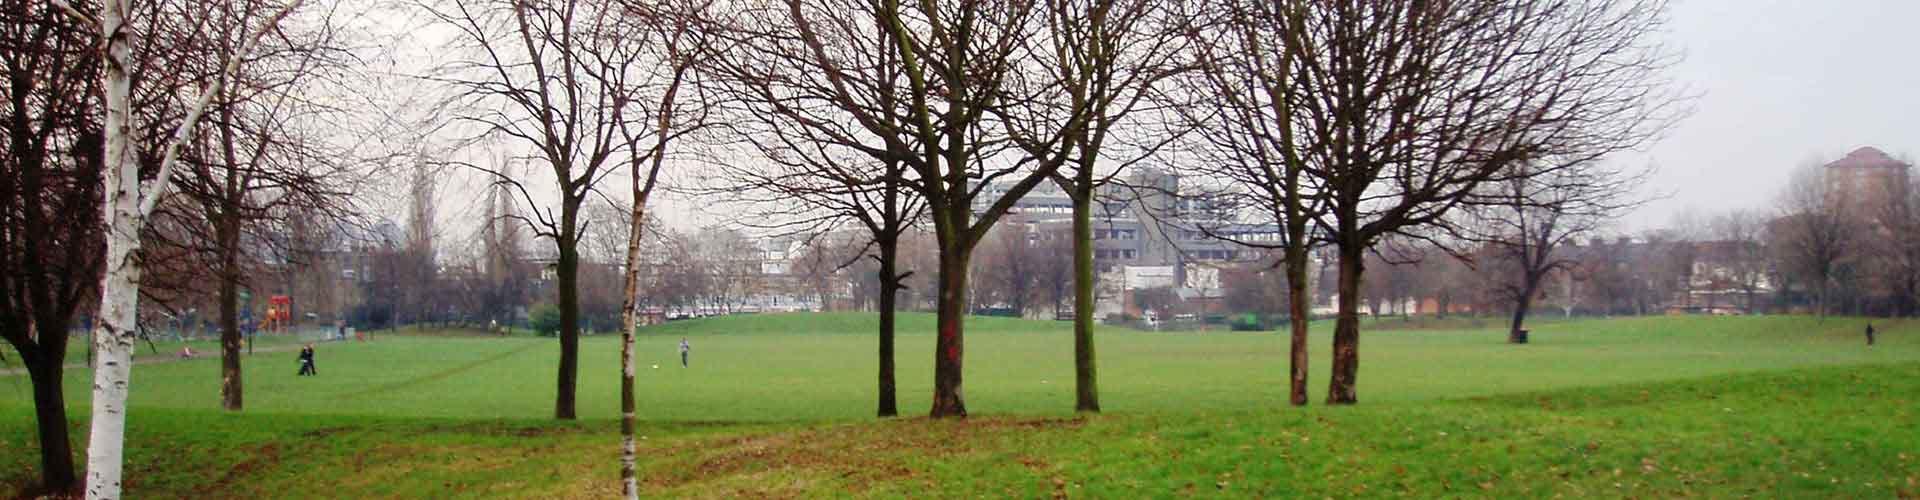 런던 - Borough of Lambeth지역에 위치한 아파트. 런던의 지도, 런던에 위치한 아파트에 대한 사진 및 리뷰.